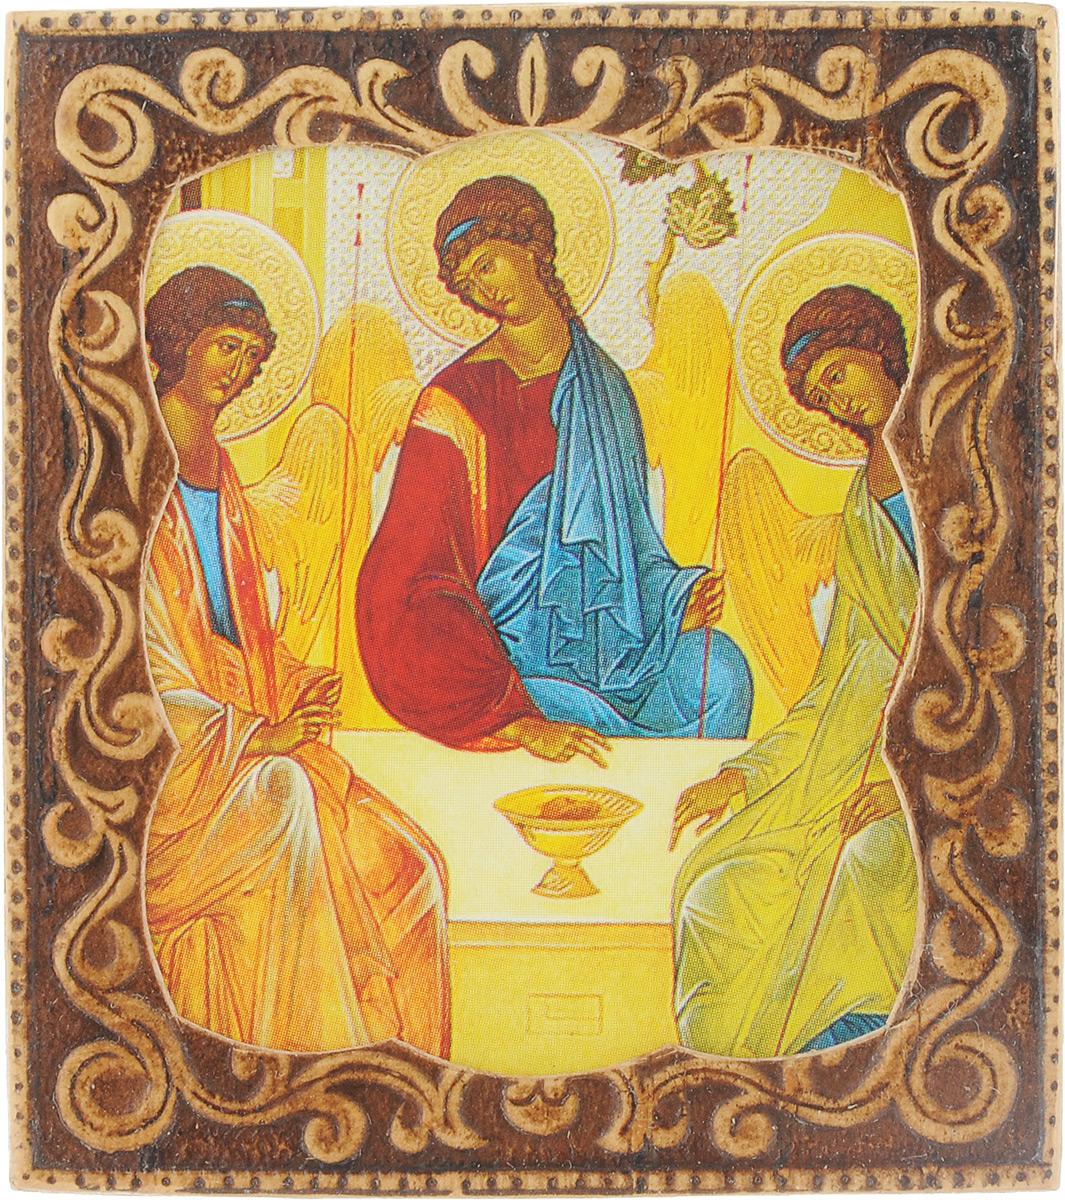 Икона Sima-land Святая Троица, 6 х 6,5 см583641_Святая ТроицаИкона Sima-land Святая Троица выполнена из бересты с изящным рельефным орнаментом. Обладает удобным небольшим размером, чтобы всегда быть с вами. Икона полностью соответствует канонам Русской Православной Церкви. Молитвенные прошения, возносимые перед образом, помогут справиться с разными испытаниями, найти правильный путь и тому подобное. Регулярные обращения к Высшим силам помогают избавиться от самых сильных драматических переживаний. Икона помогает увидеть необходимый и желанный луч надежды. Для верующих икона Святая Троица имеет важное значение, поскольку она помогает решить все проблемы, которые не дают покоя. Перед иконой можно читать исповедальные молитвы, которые позволят очиститься от существующего негатива и греховности. Считается, что рассказывая о своих грехах перед образом Святой Троицы, верующий практически напрямую разговаривает с Богом.